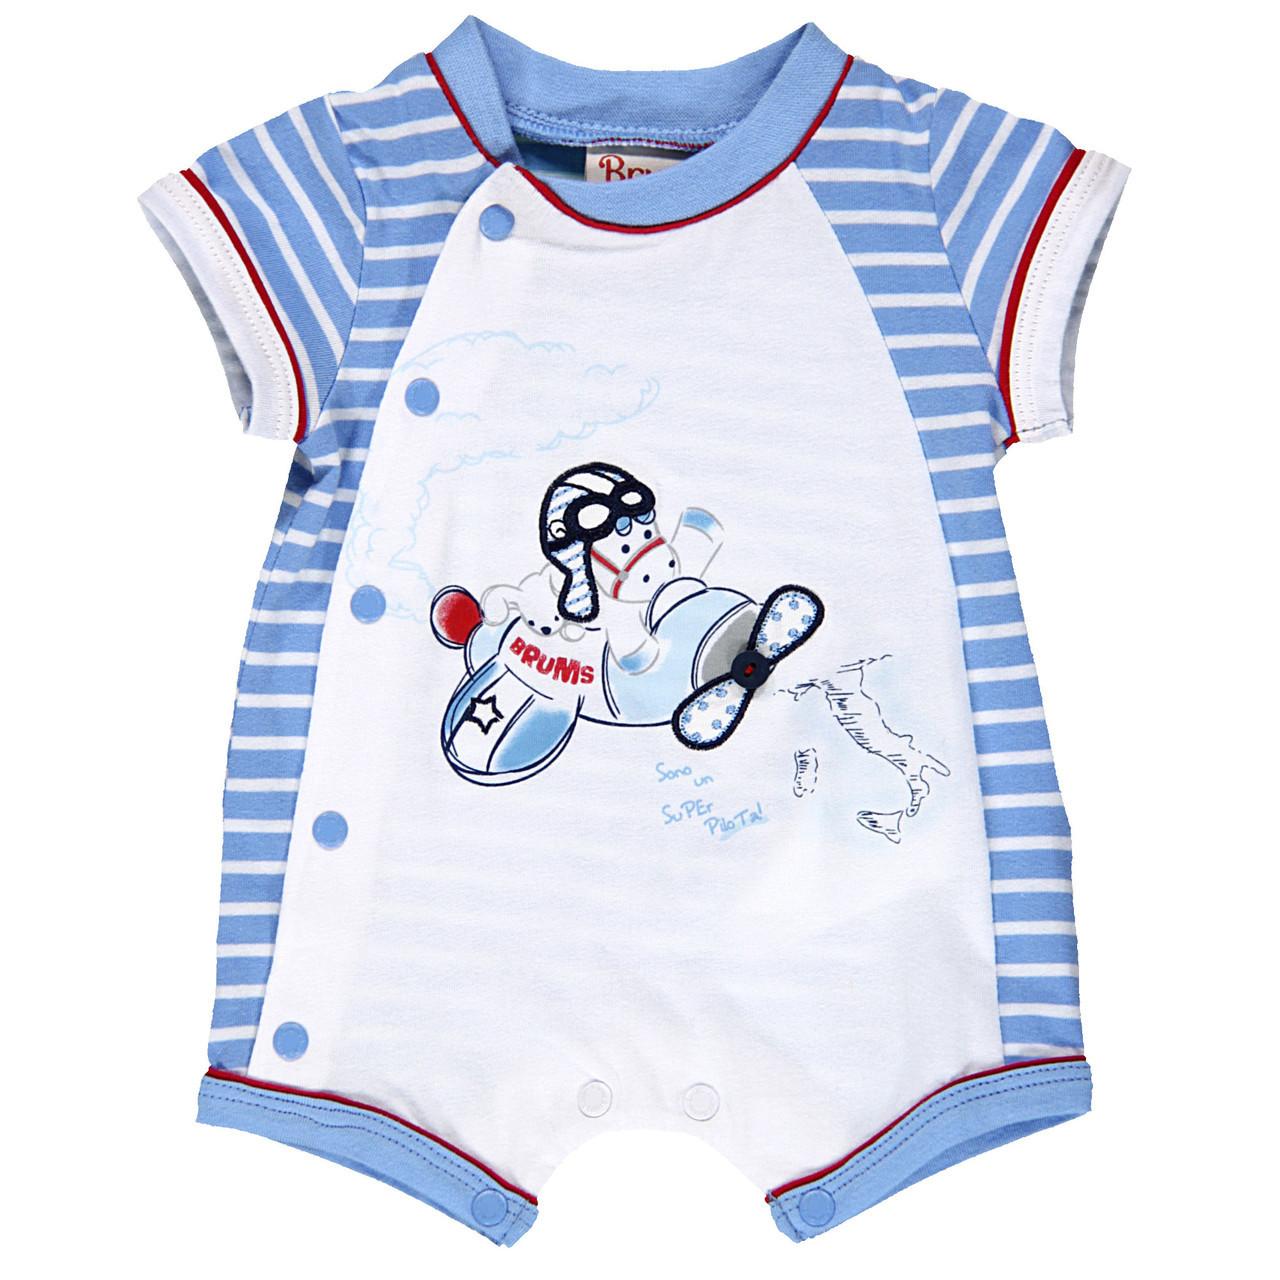 Песочник для мальчика BRUMS Италия 141BBFZ010 бело-голубой